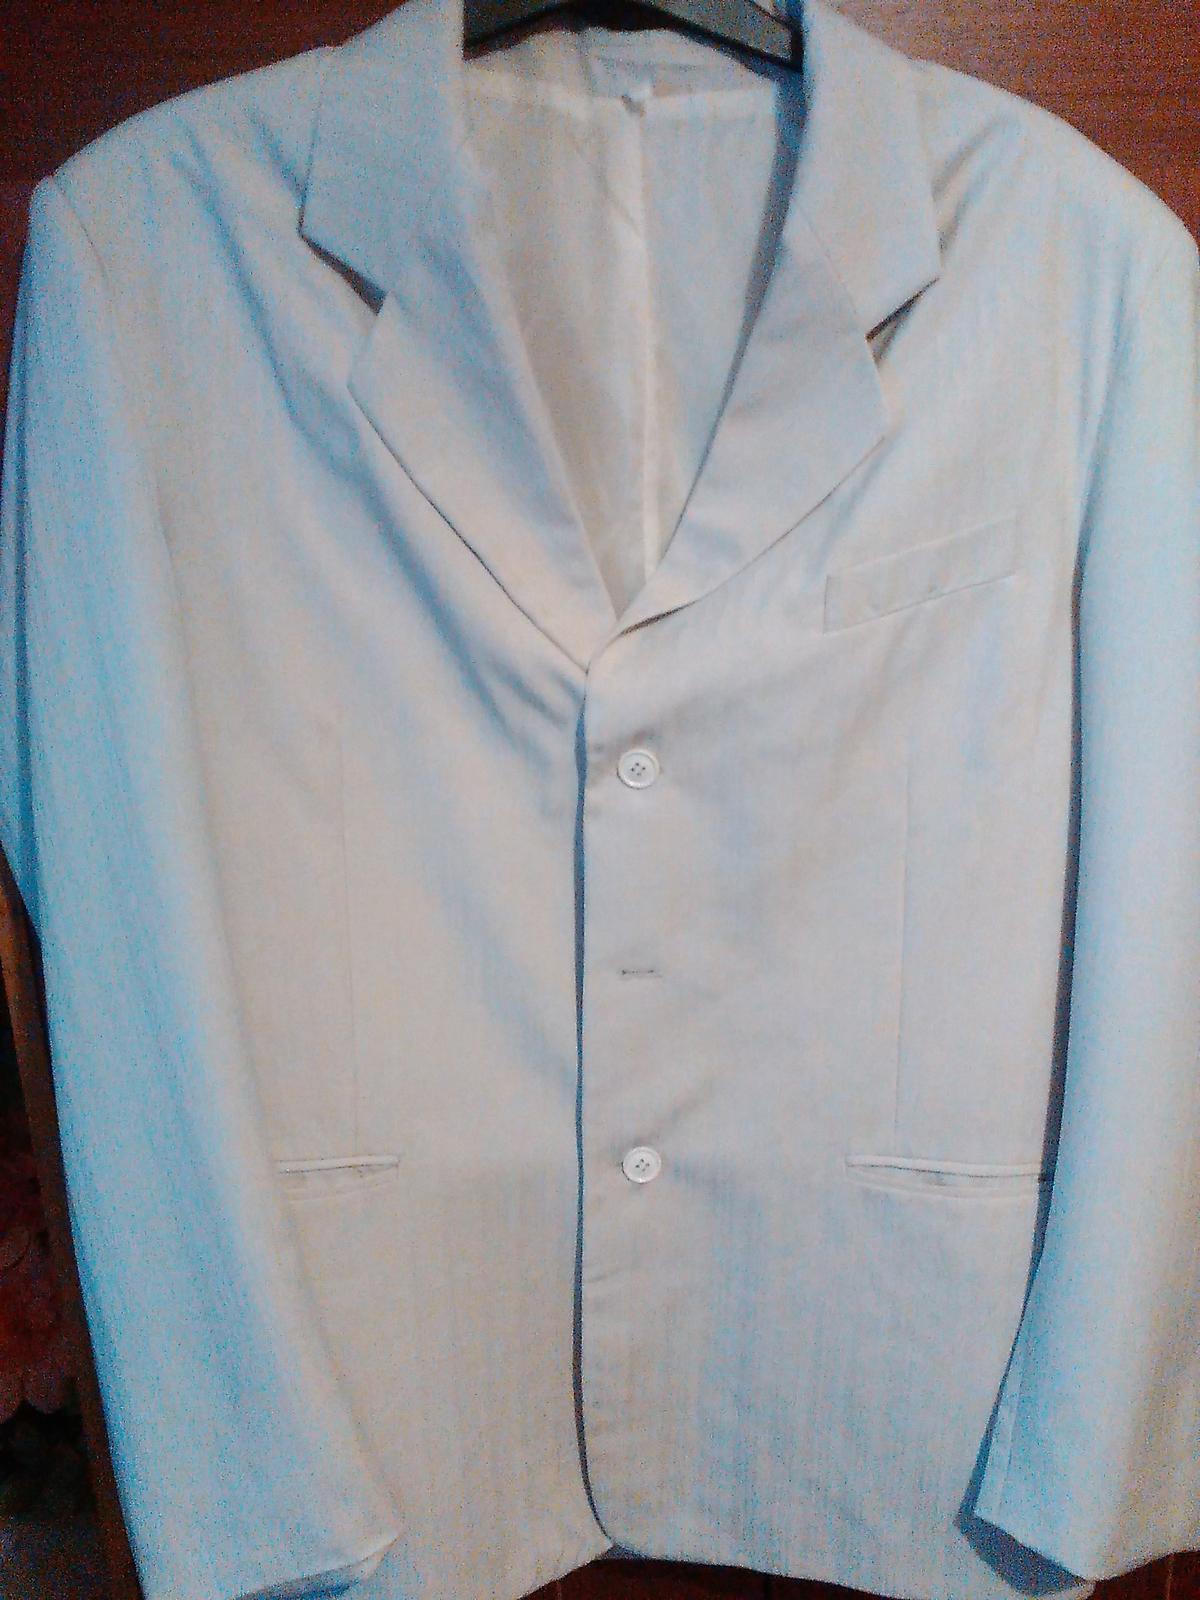 Komplet oblek svadobny alebo spolocensky - Obrázok č. 3